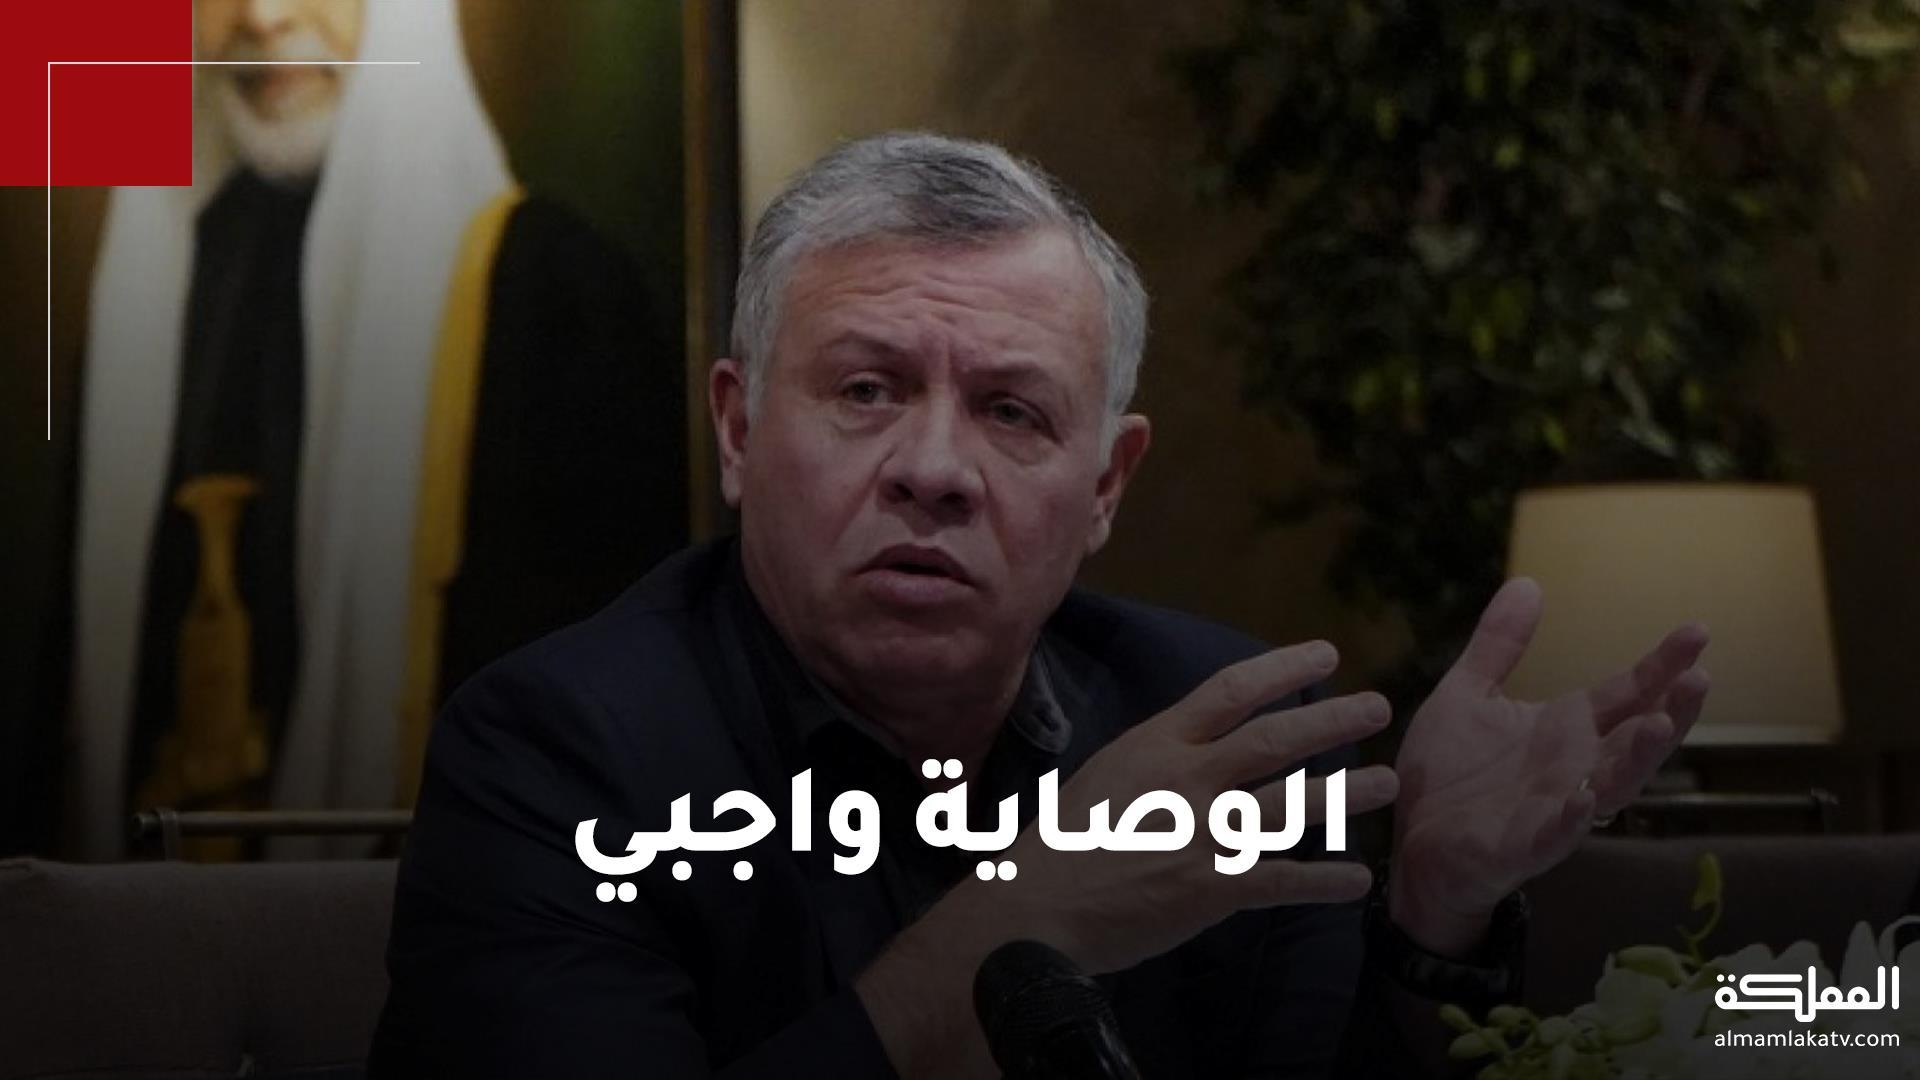 رسالة من الملك عبدالله الثاني بمناسبة التضامن العالمي مع الشعب الفلسطيني